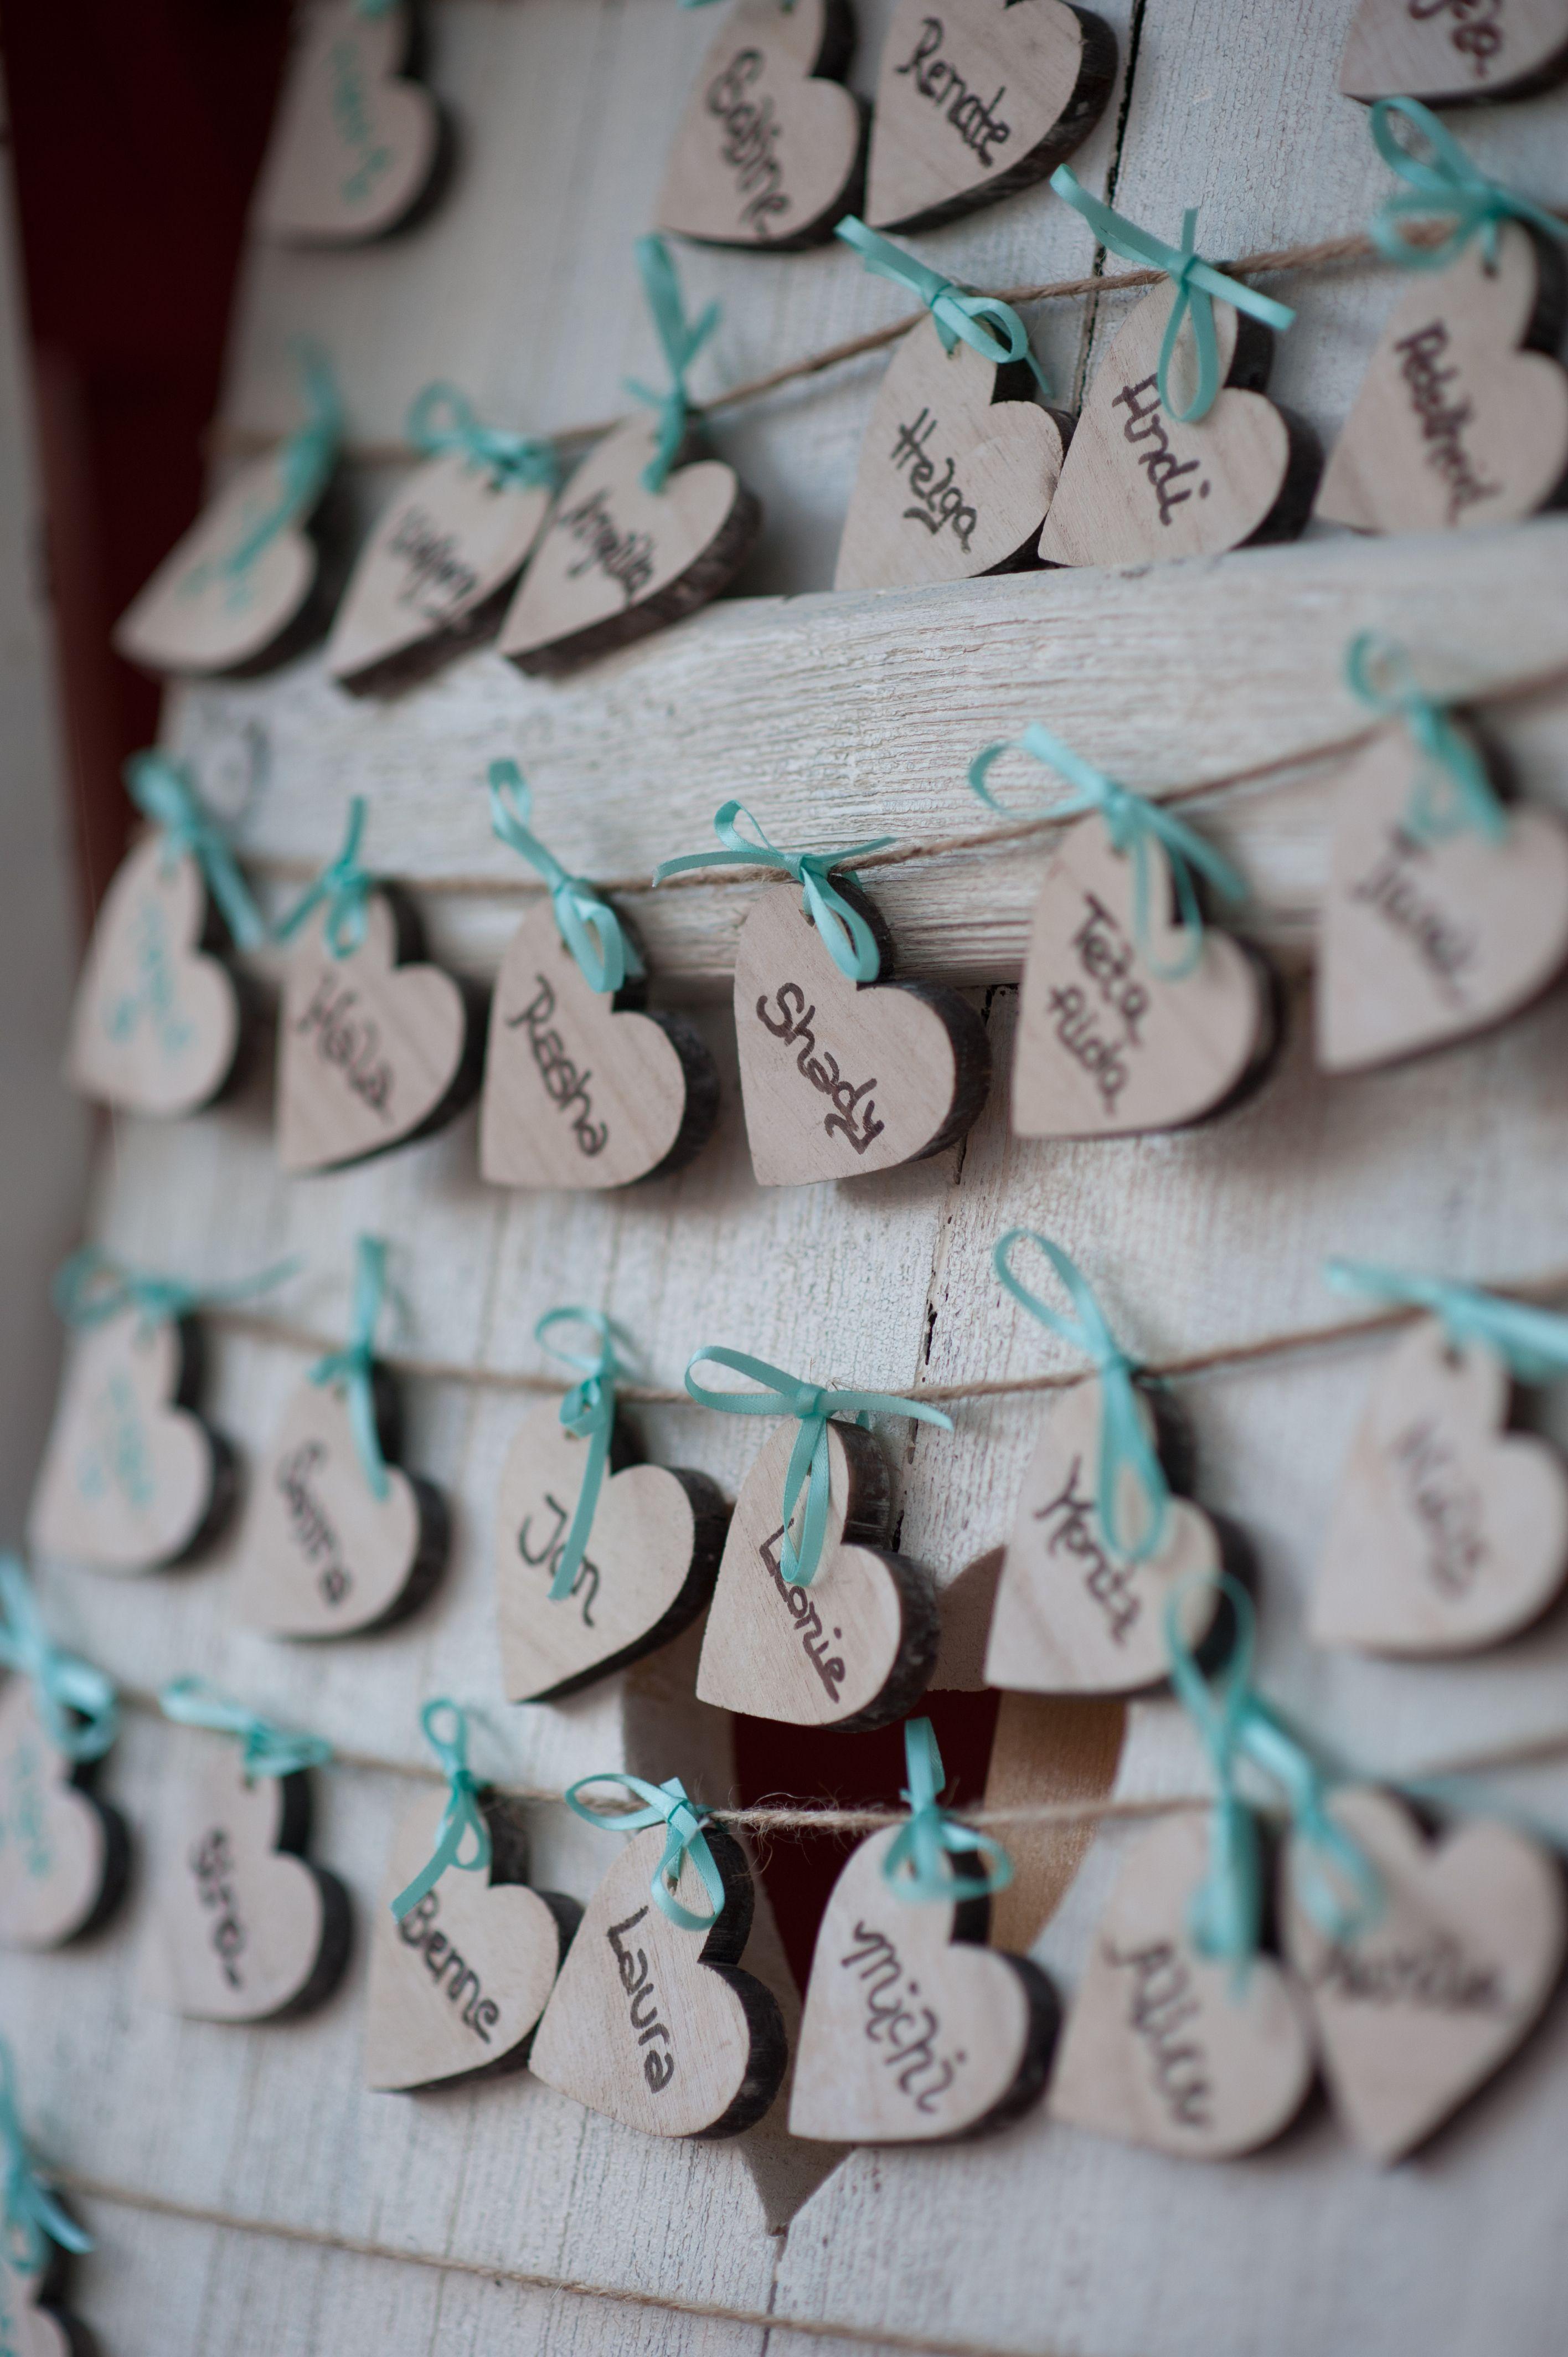 Kreativer Tischplan  Wedding  Hochzeit tischplan Sitzplan hochzeit und Tischplne